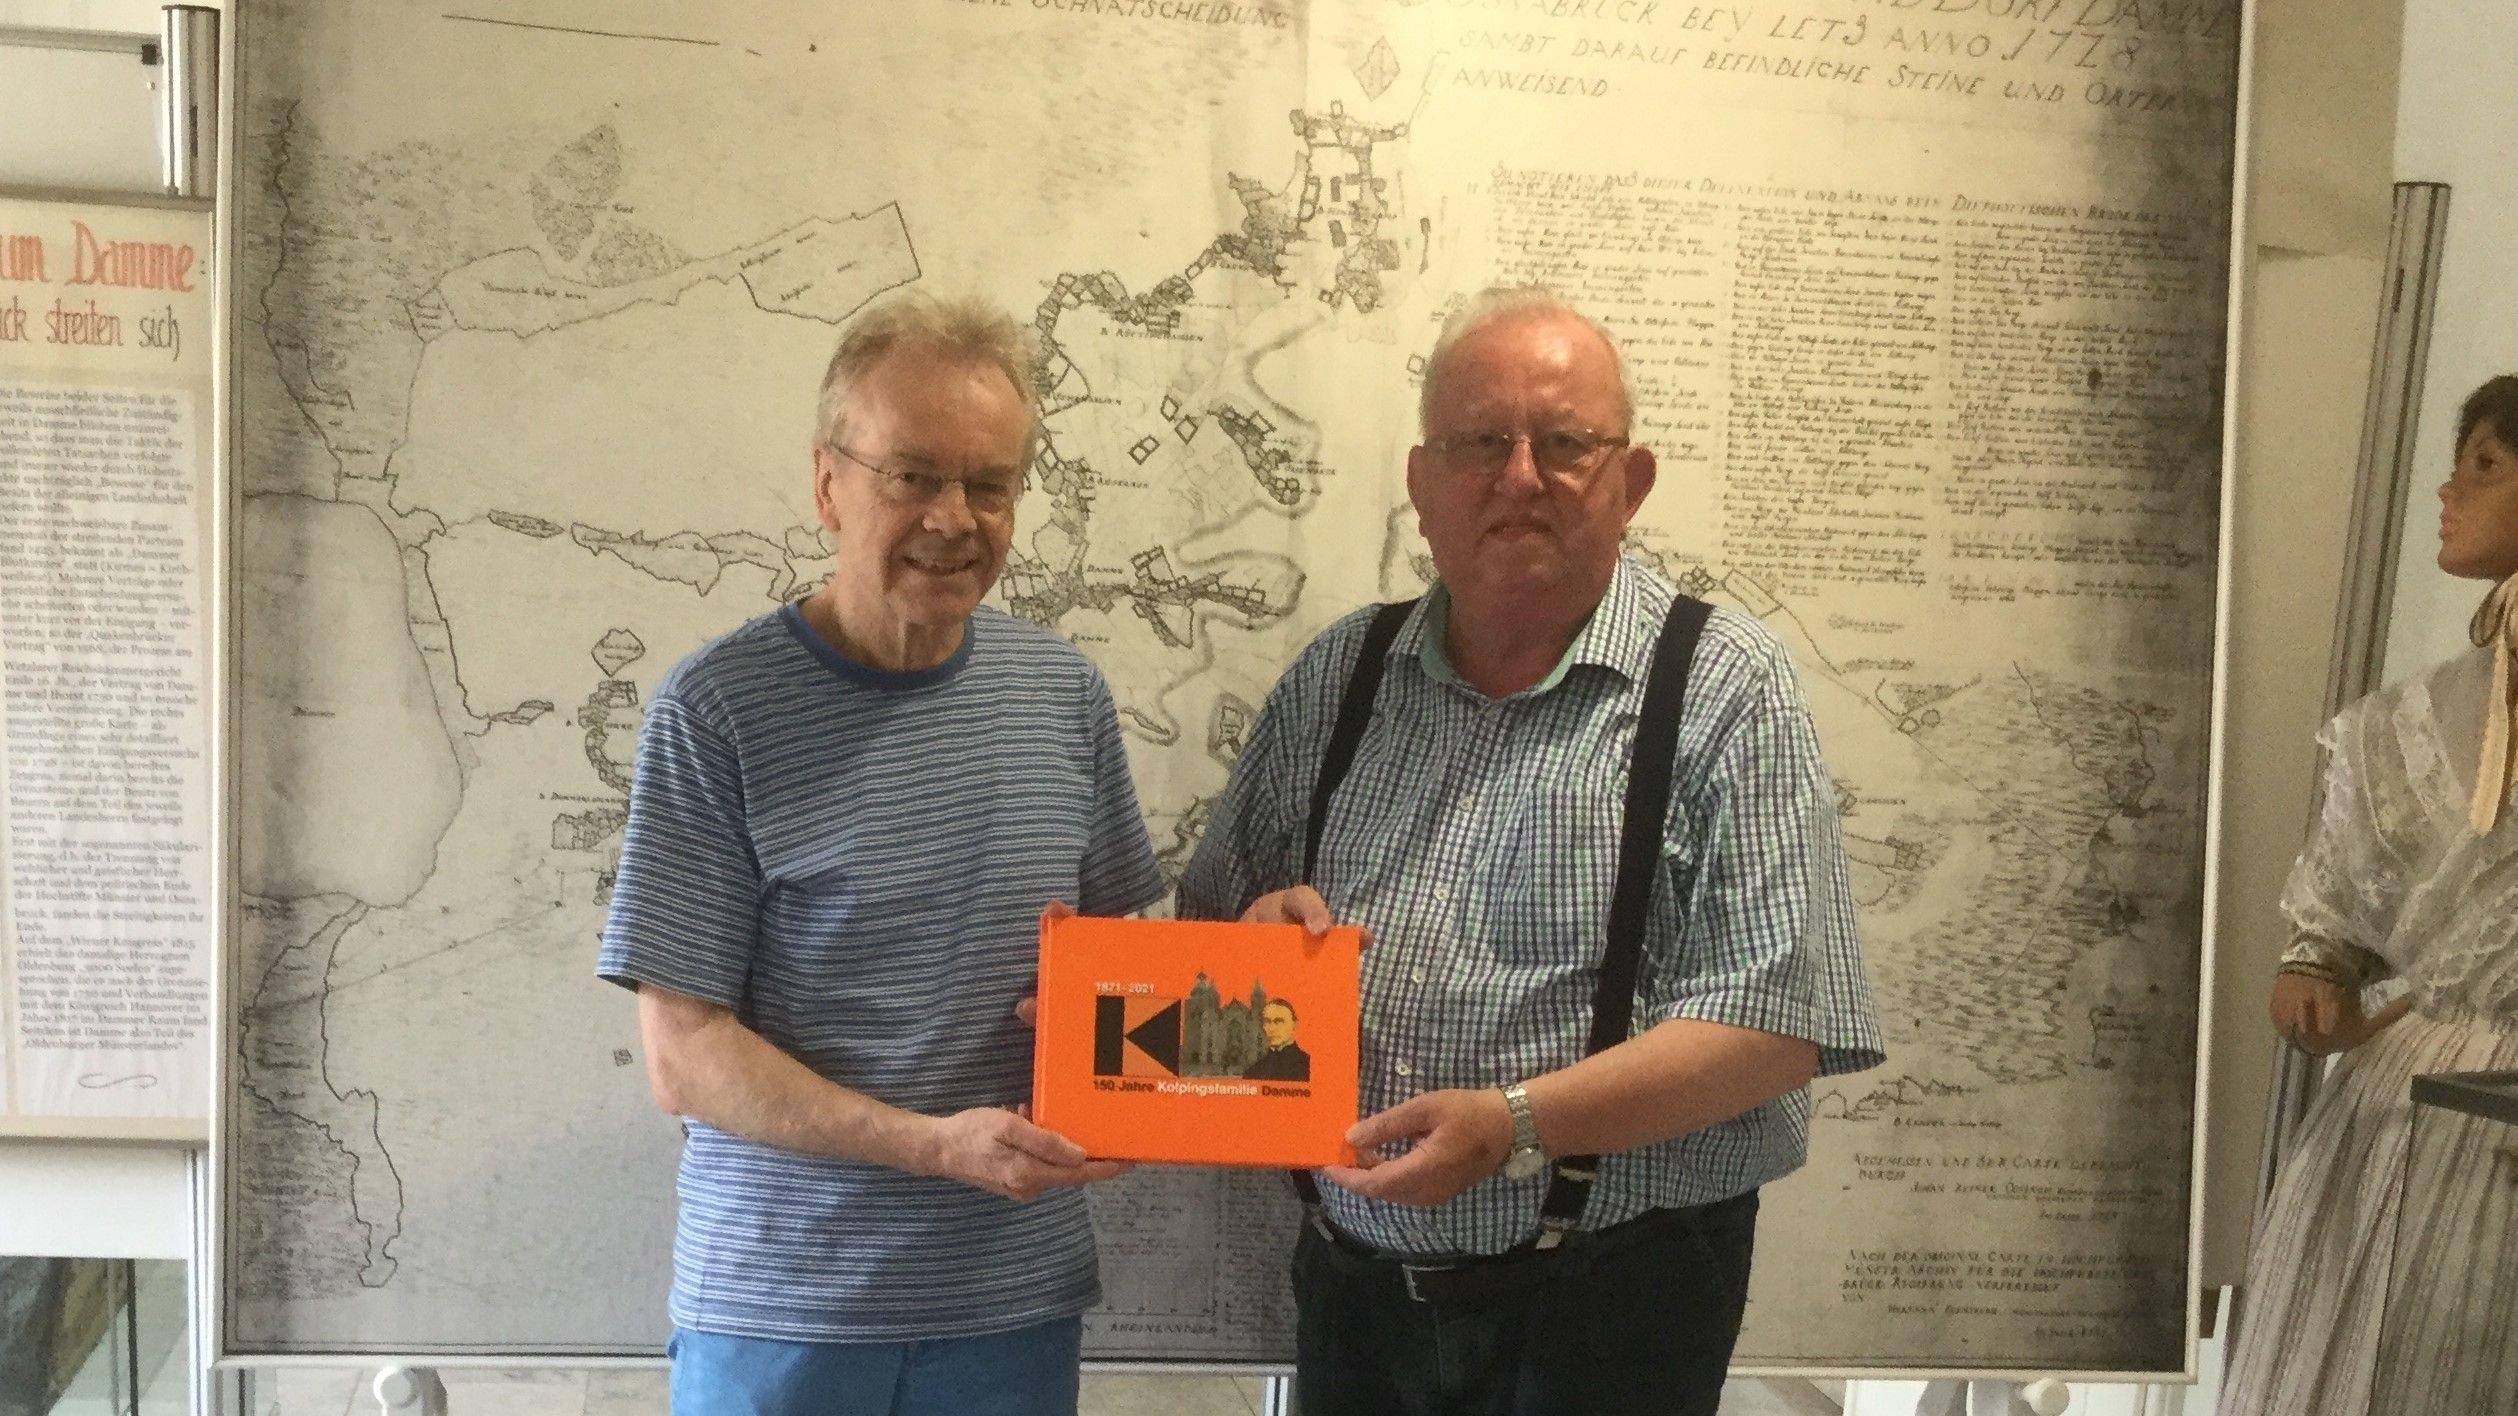 Freude: Kolpingvorsitzender Norbert Grafemeyer (r.) überreicht ein Exemplar der Festschrift an Museumsleiter Wolfgang Friemerding vor historischer Kulisse. Foto: Stadtmuseum